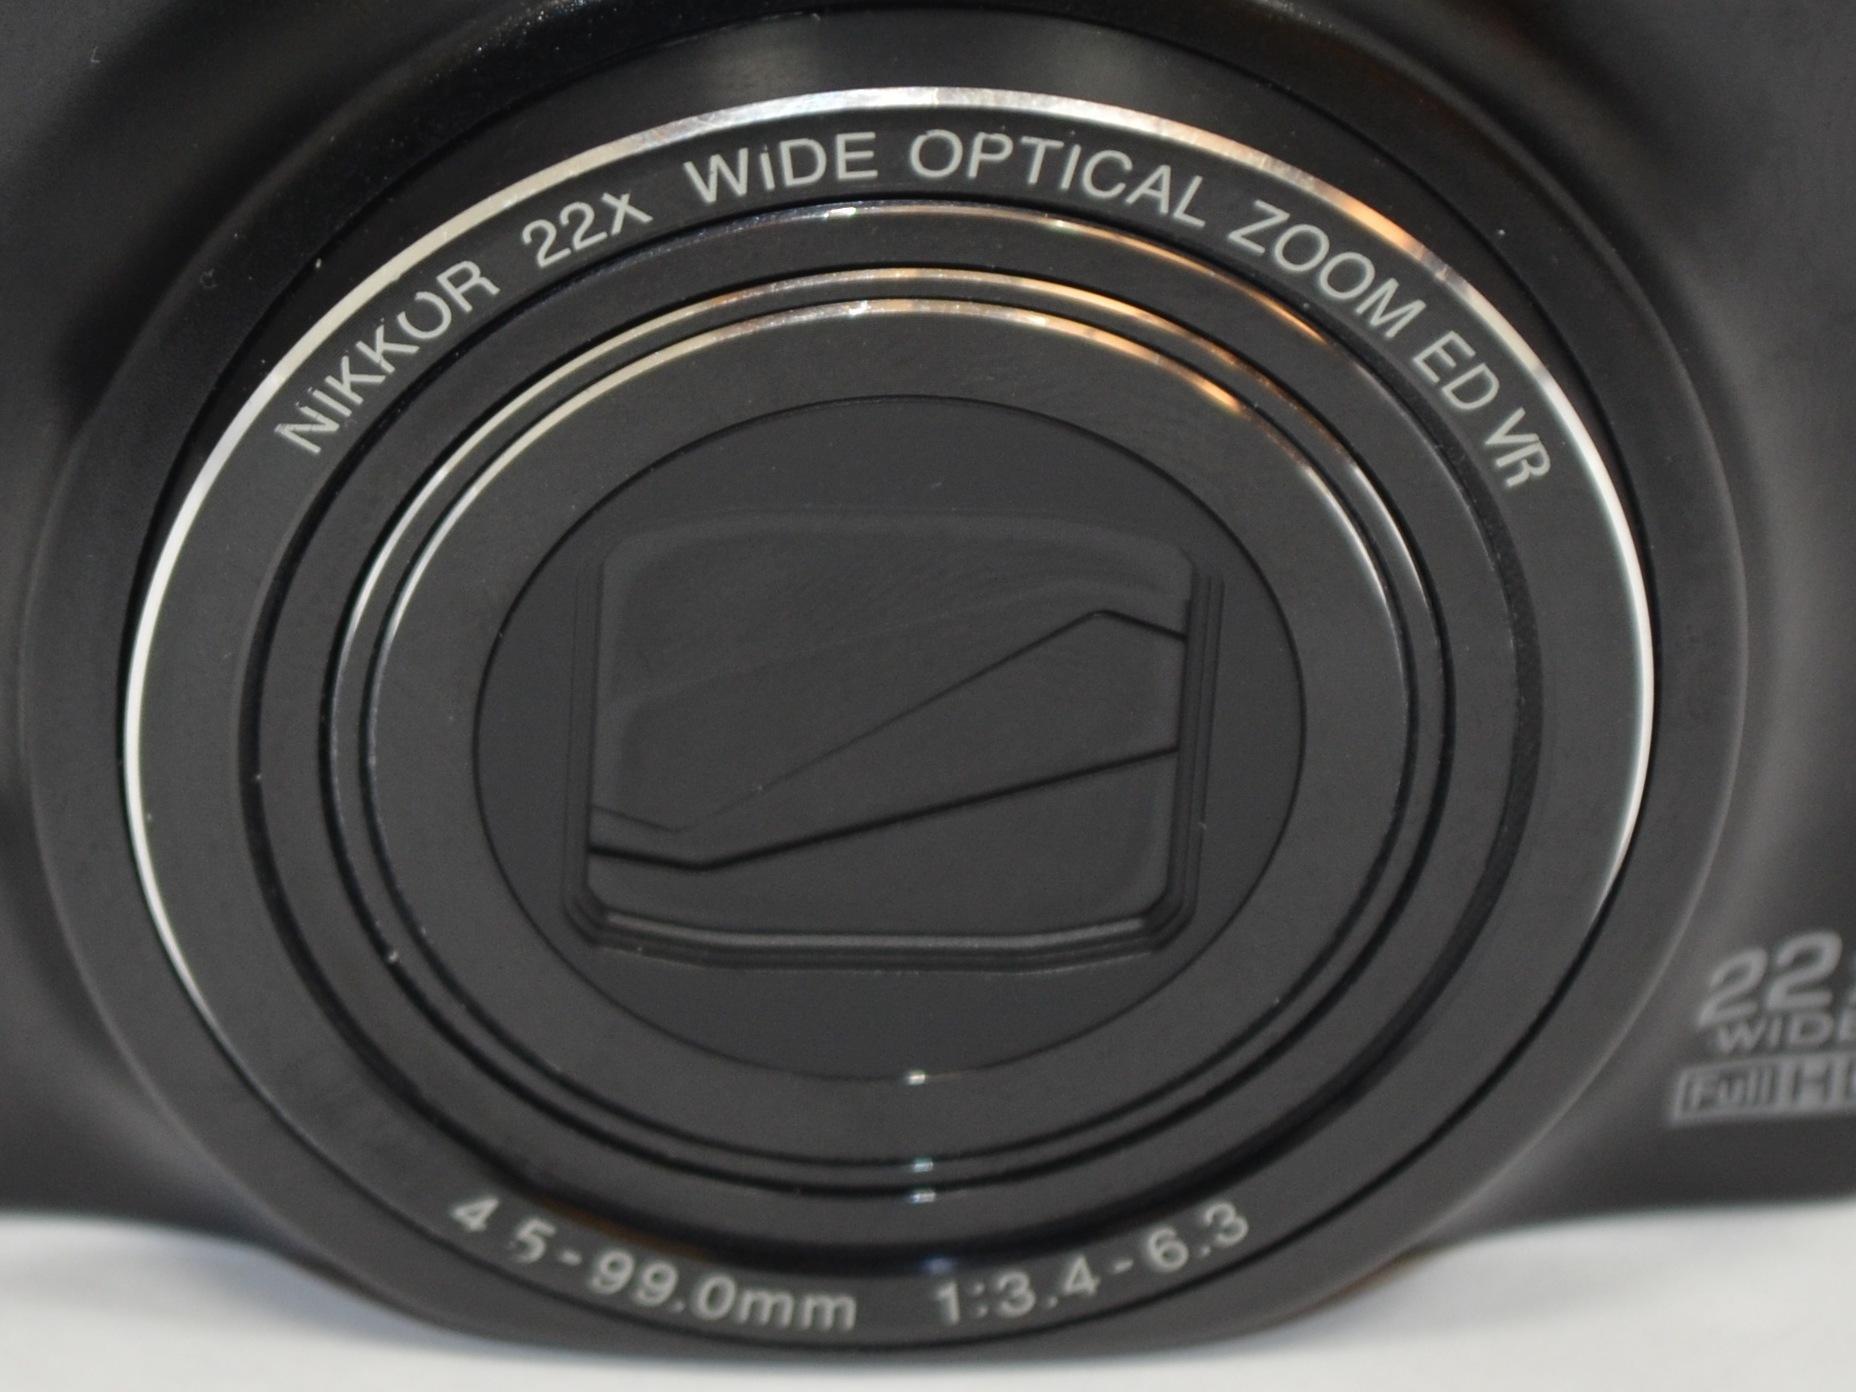 Nikon Coolpix S9500 Repair Ifixit Camera Parts Diagram Lens